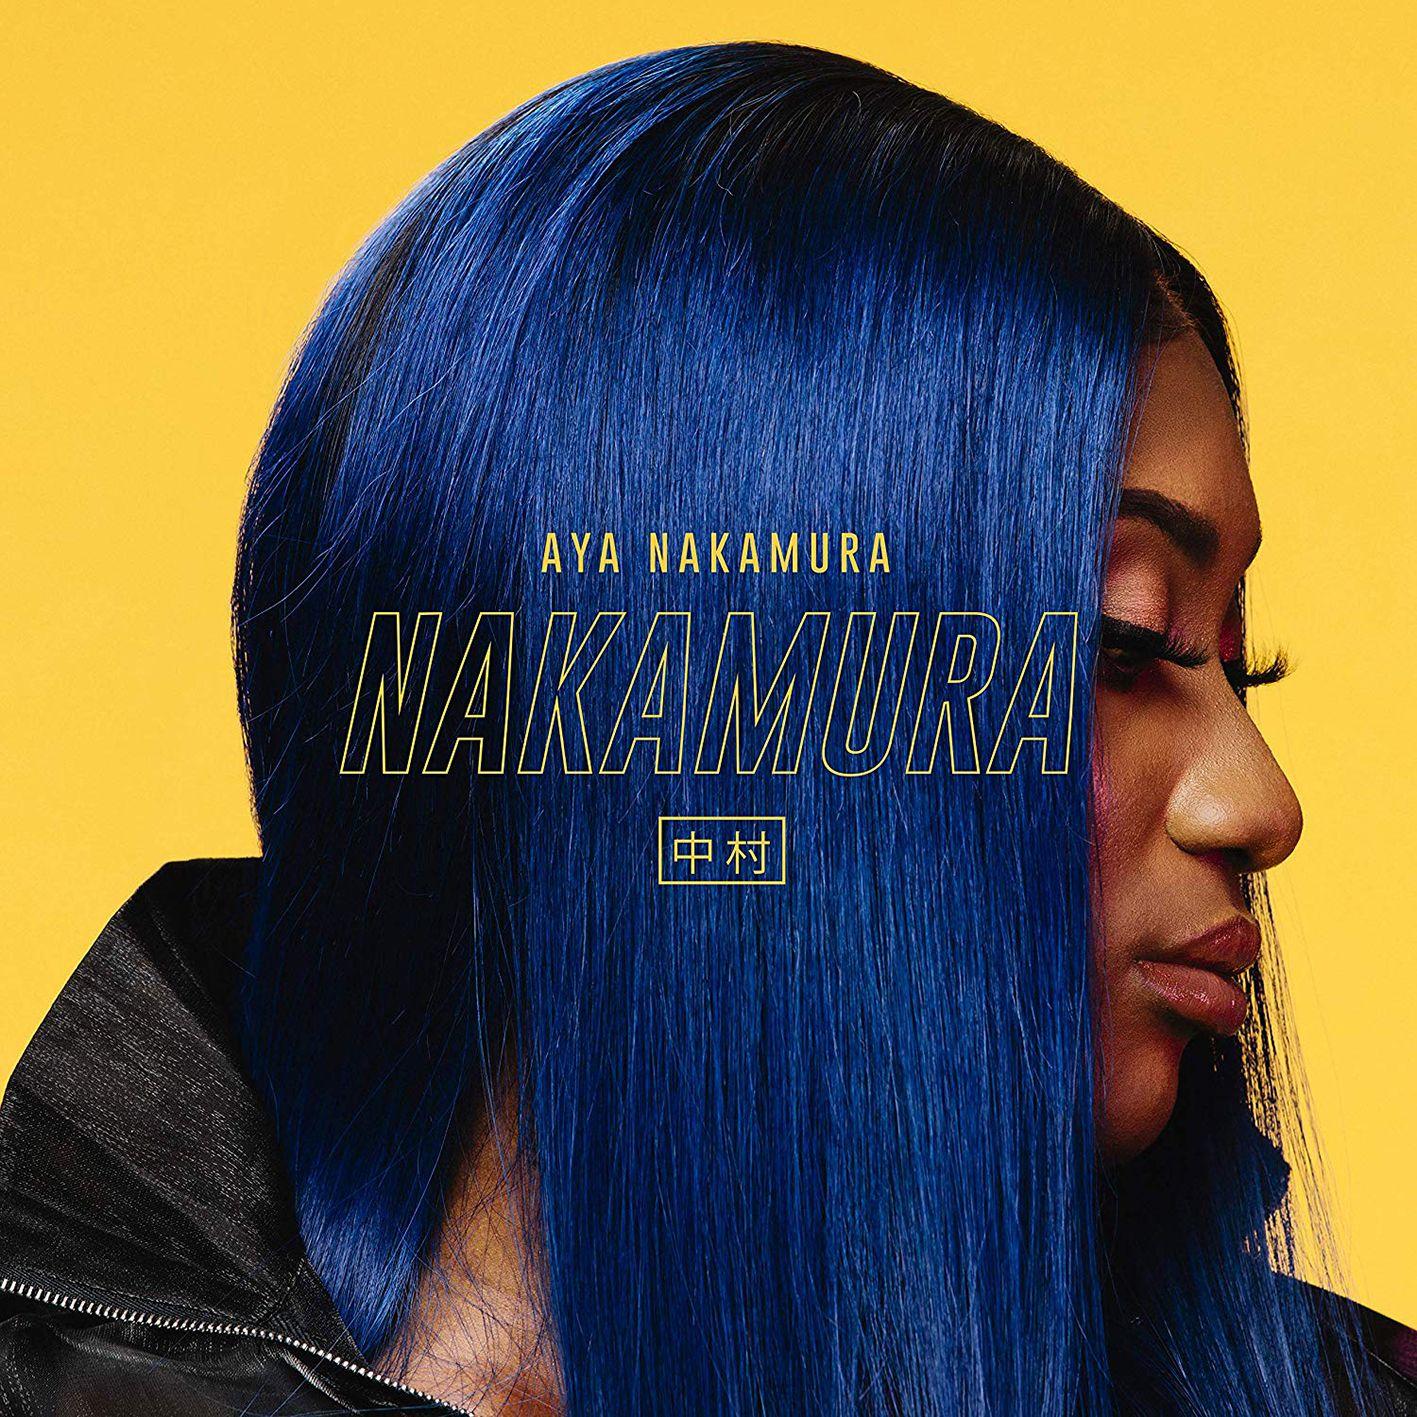 Aya Nakamura - Nakamura album cover